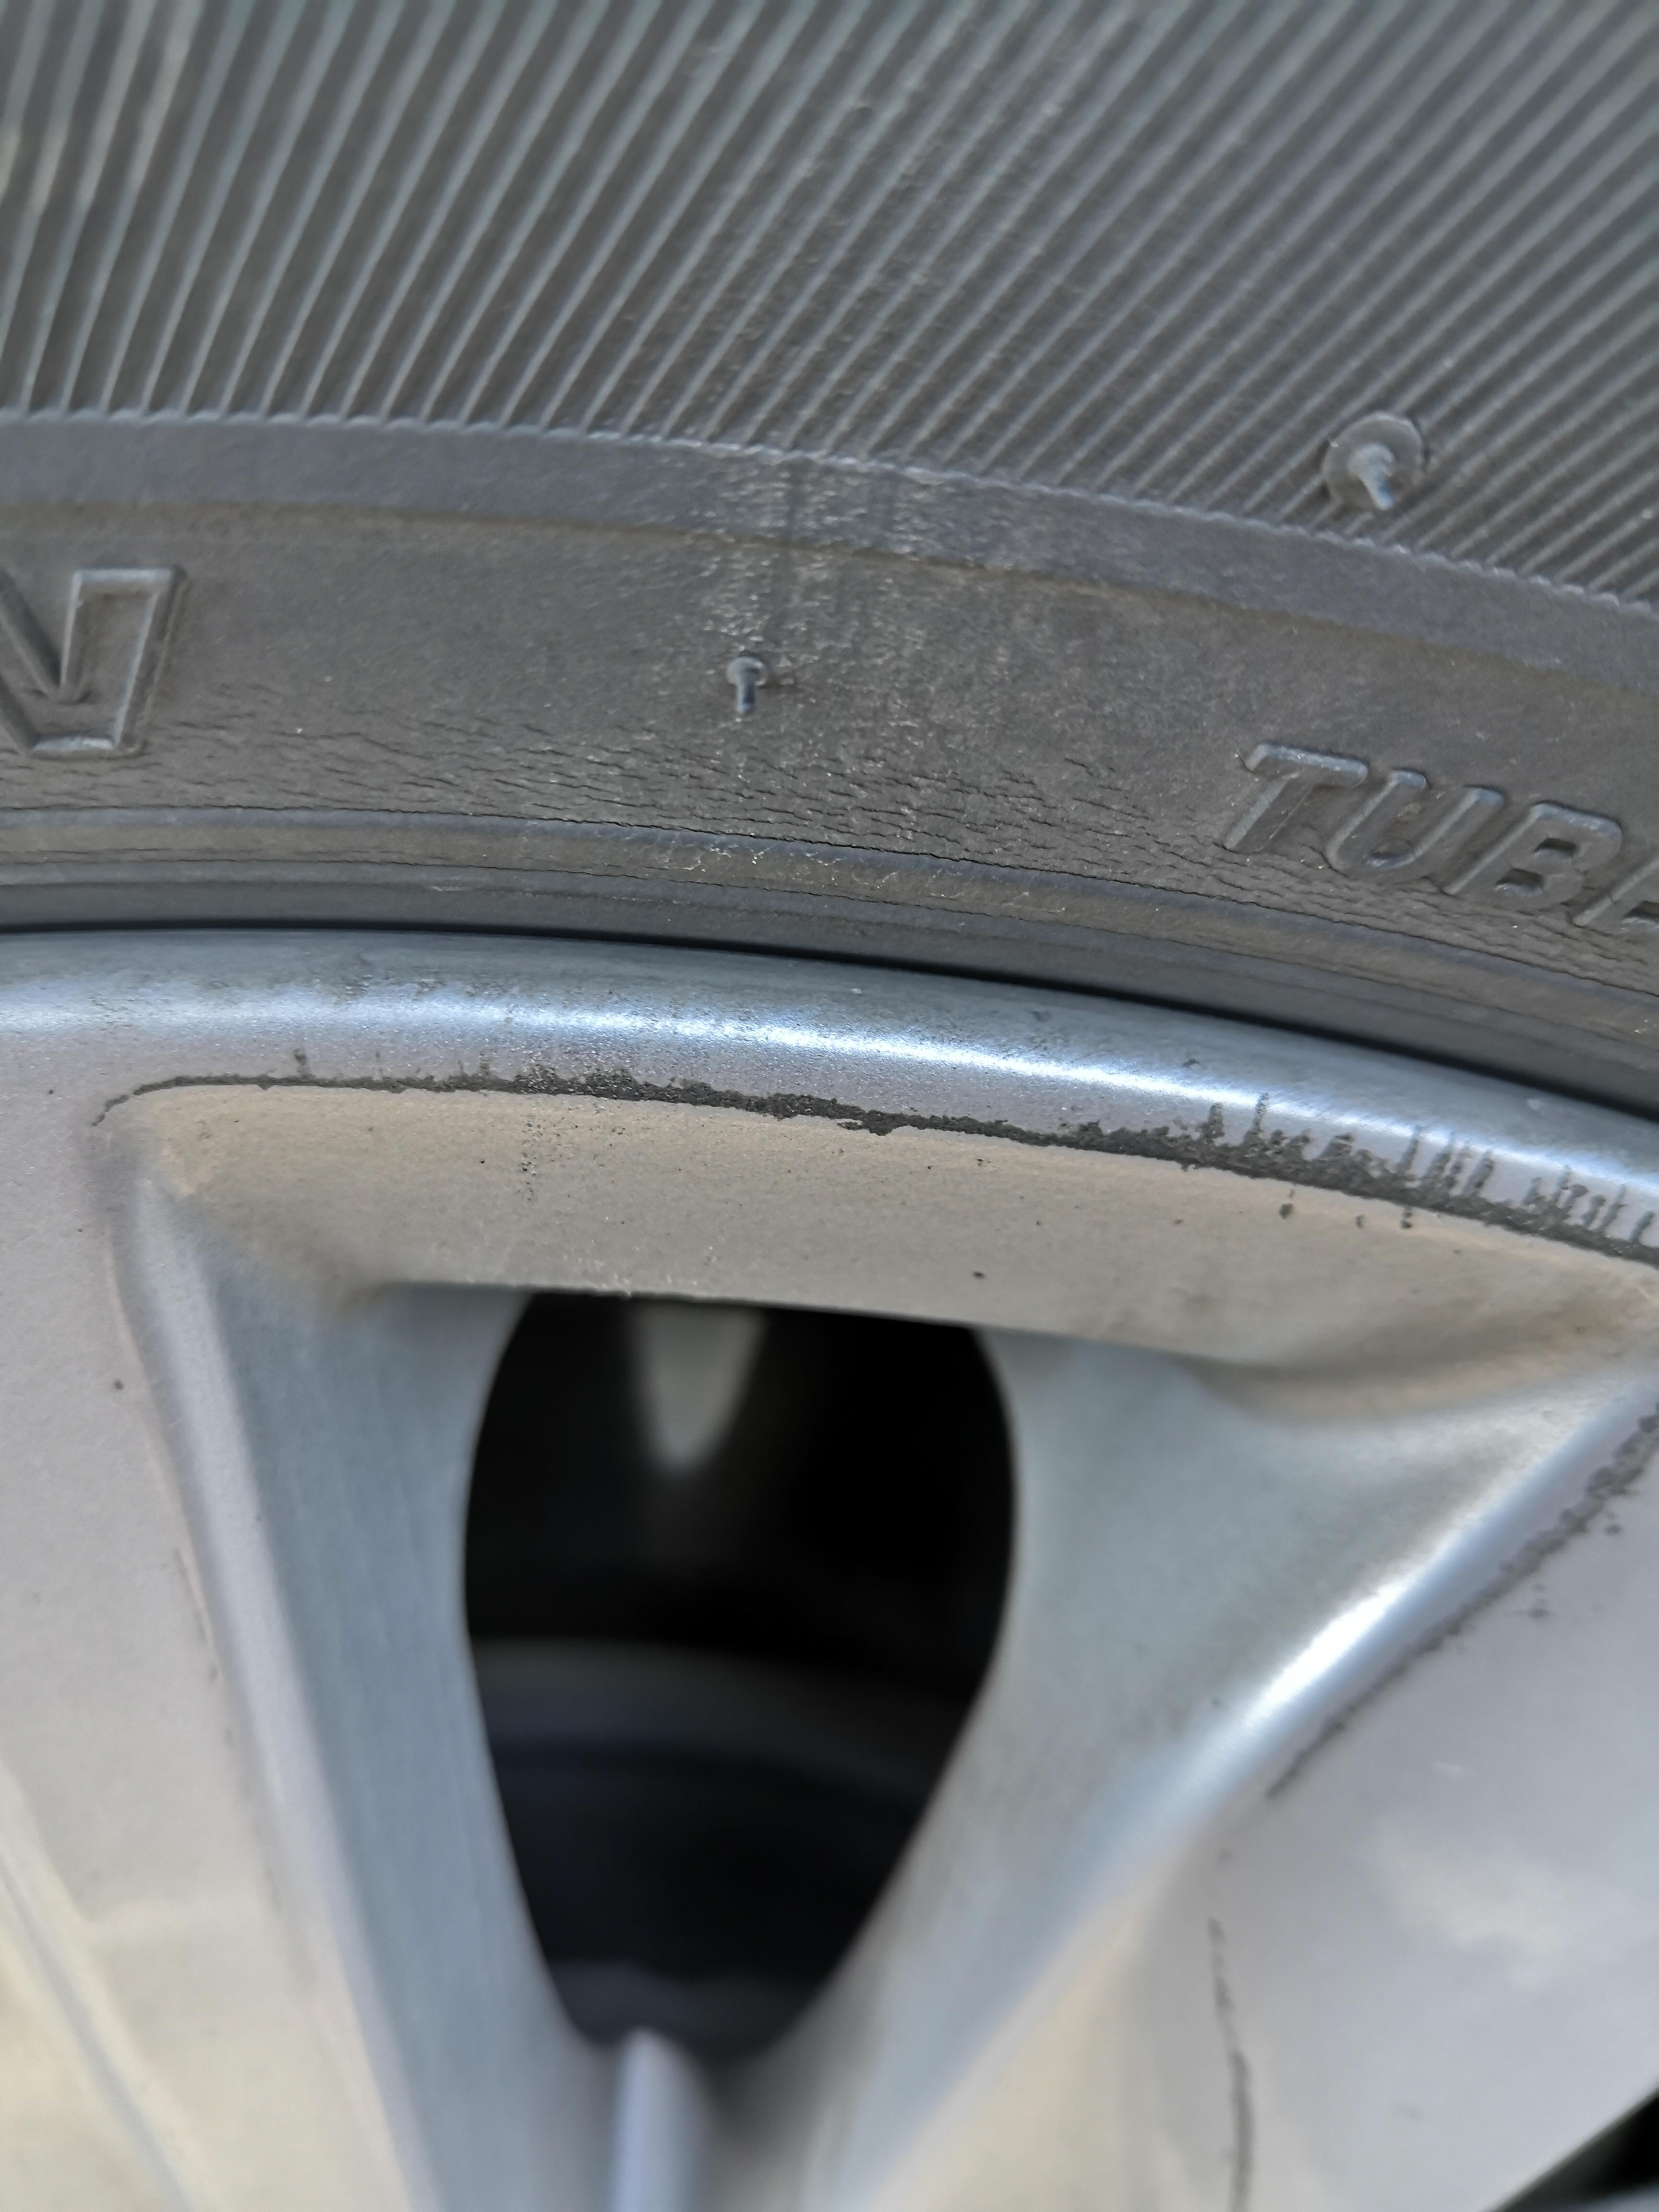 日产-天籁 轮胎裂纹,4S店不处理